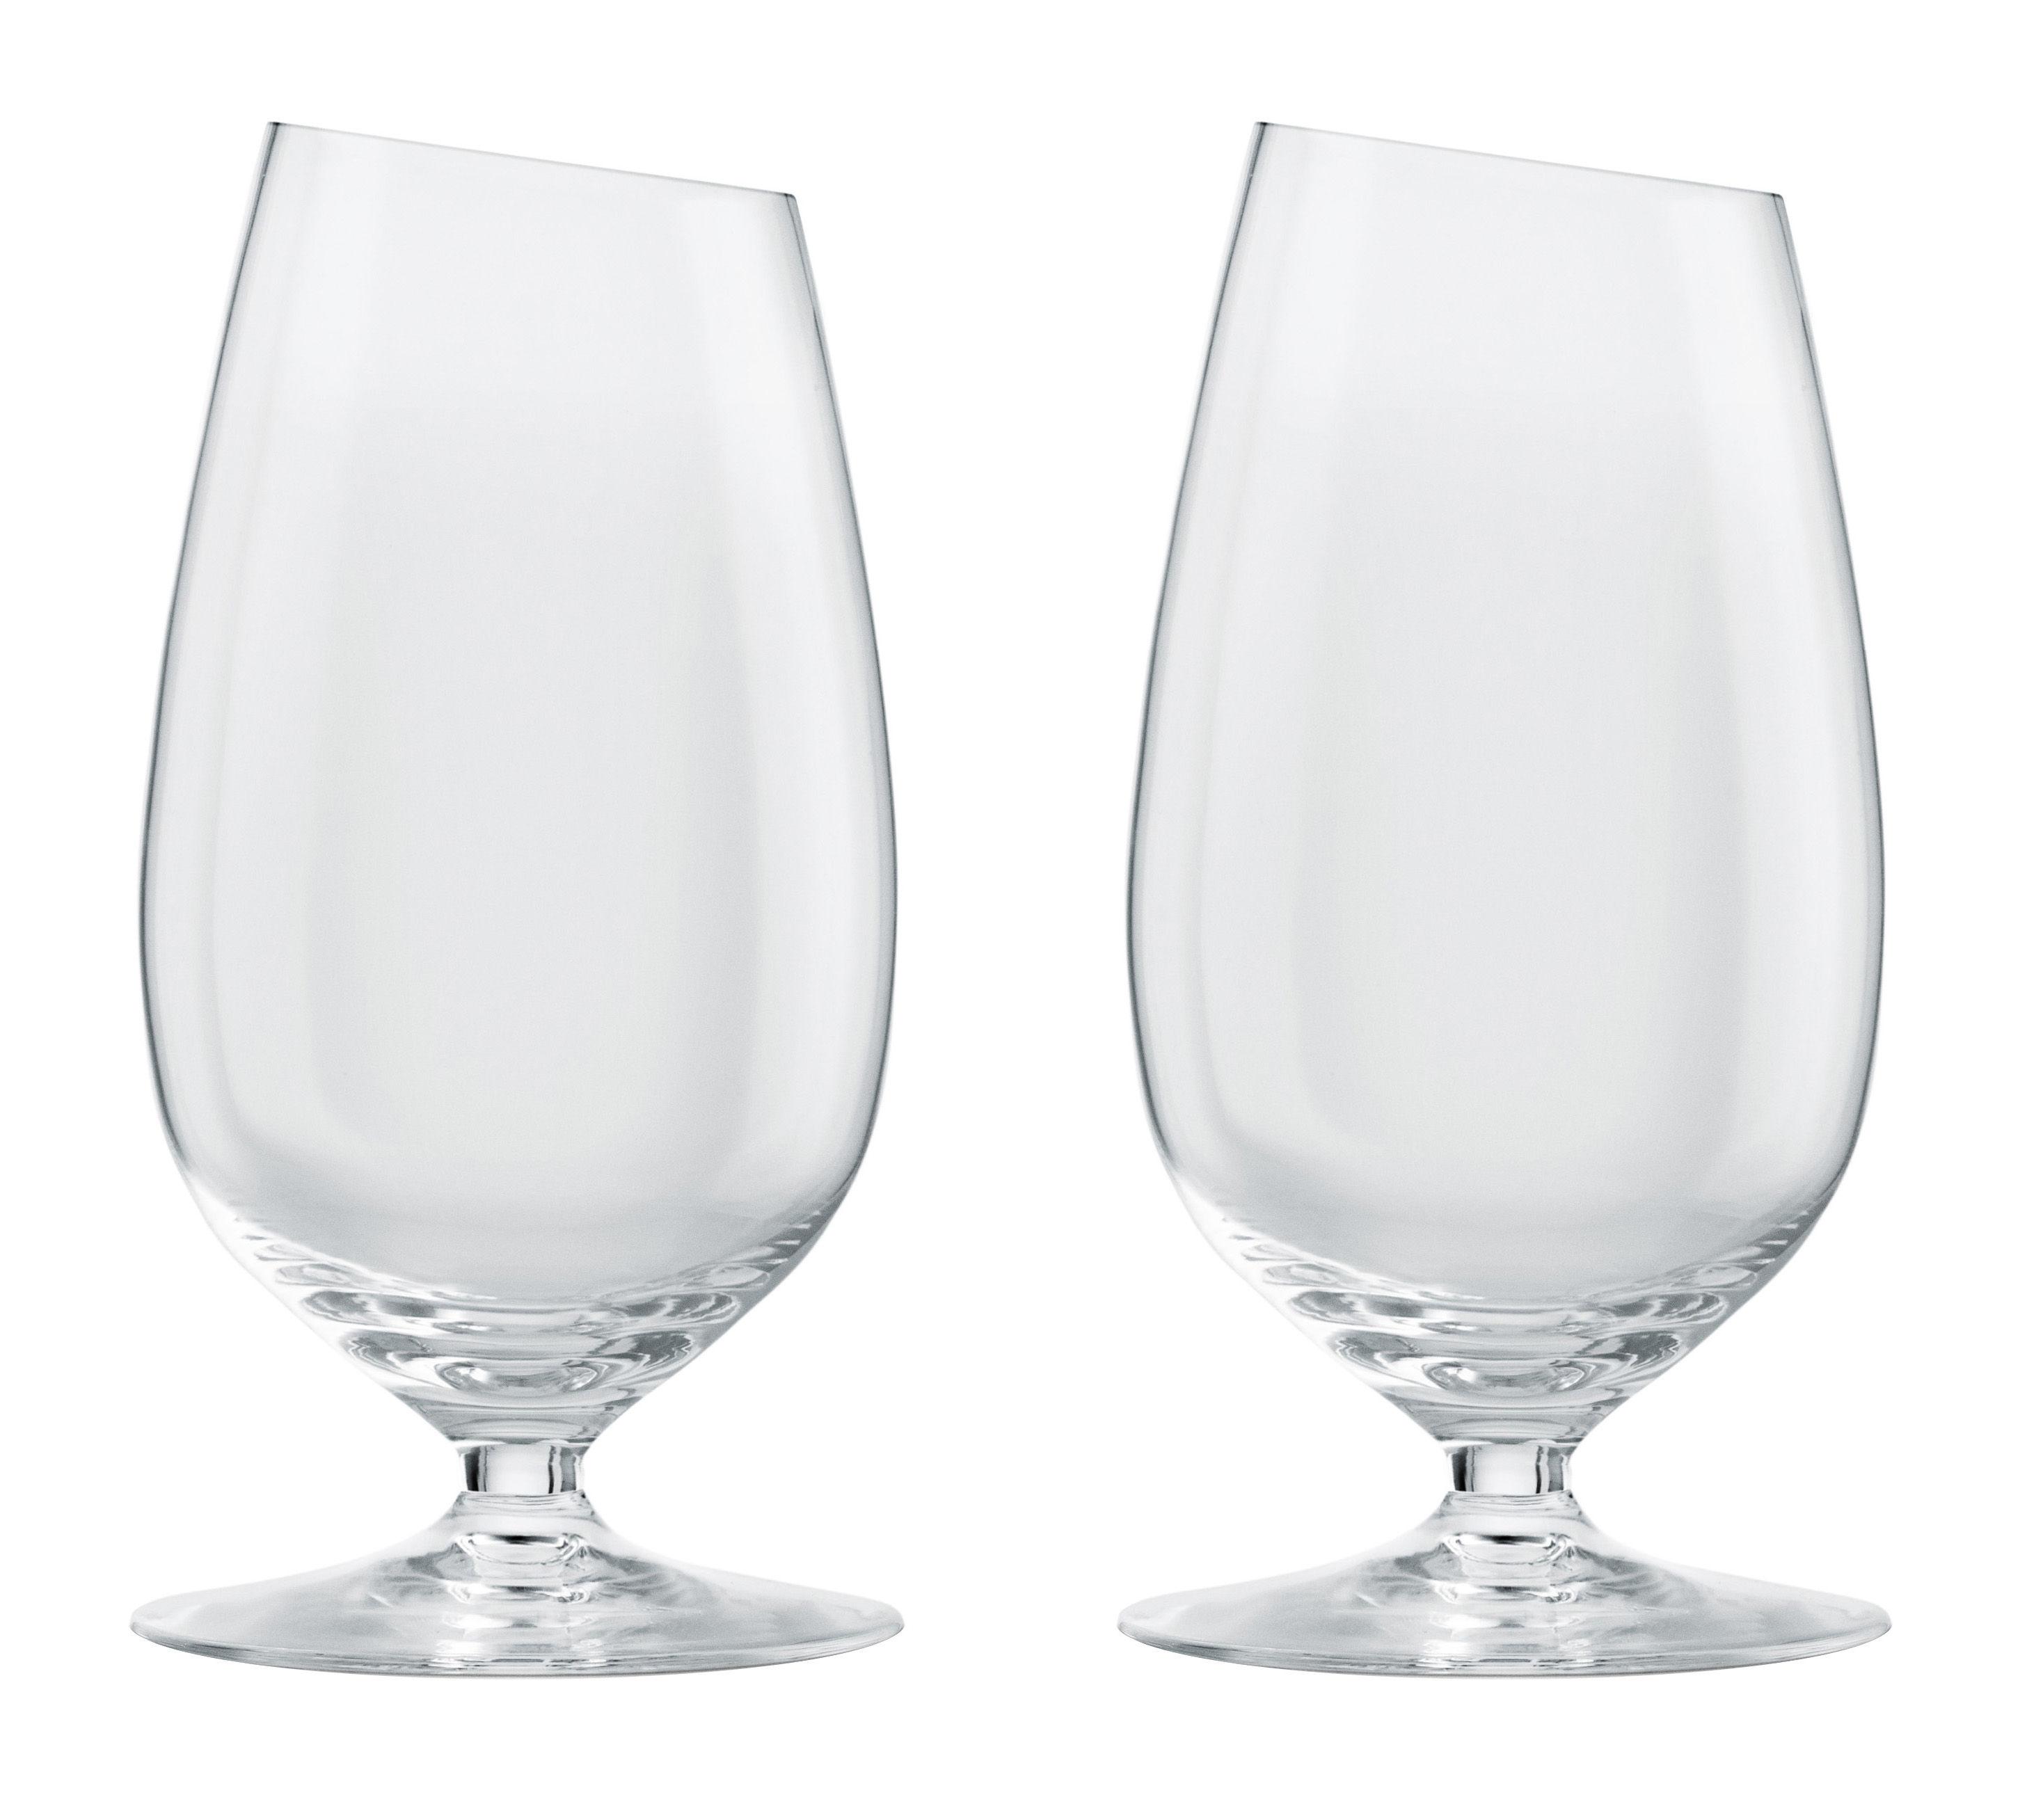 Arts de la table - Verres  - Verre à bière / Lot de 2 - 35 cl - Eva Solo - Transparent - Verre soufflé bouche